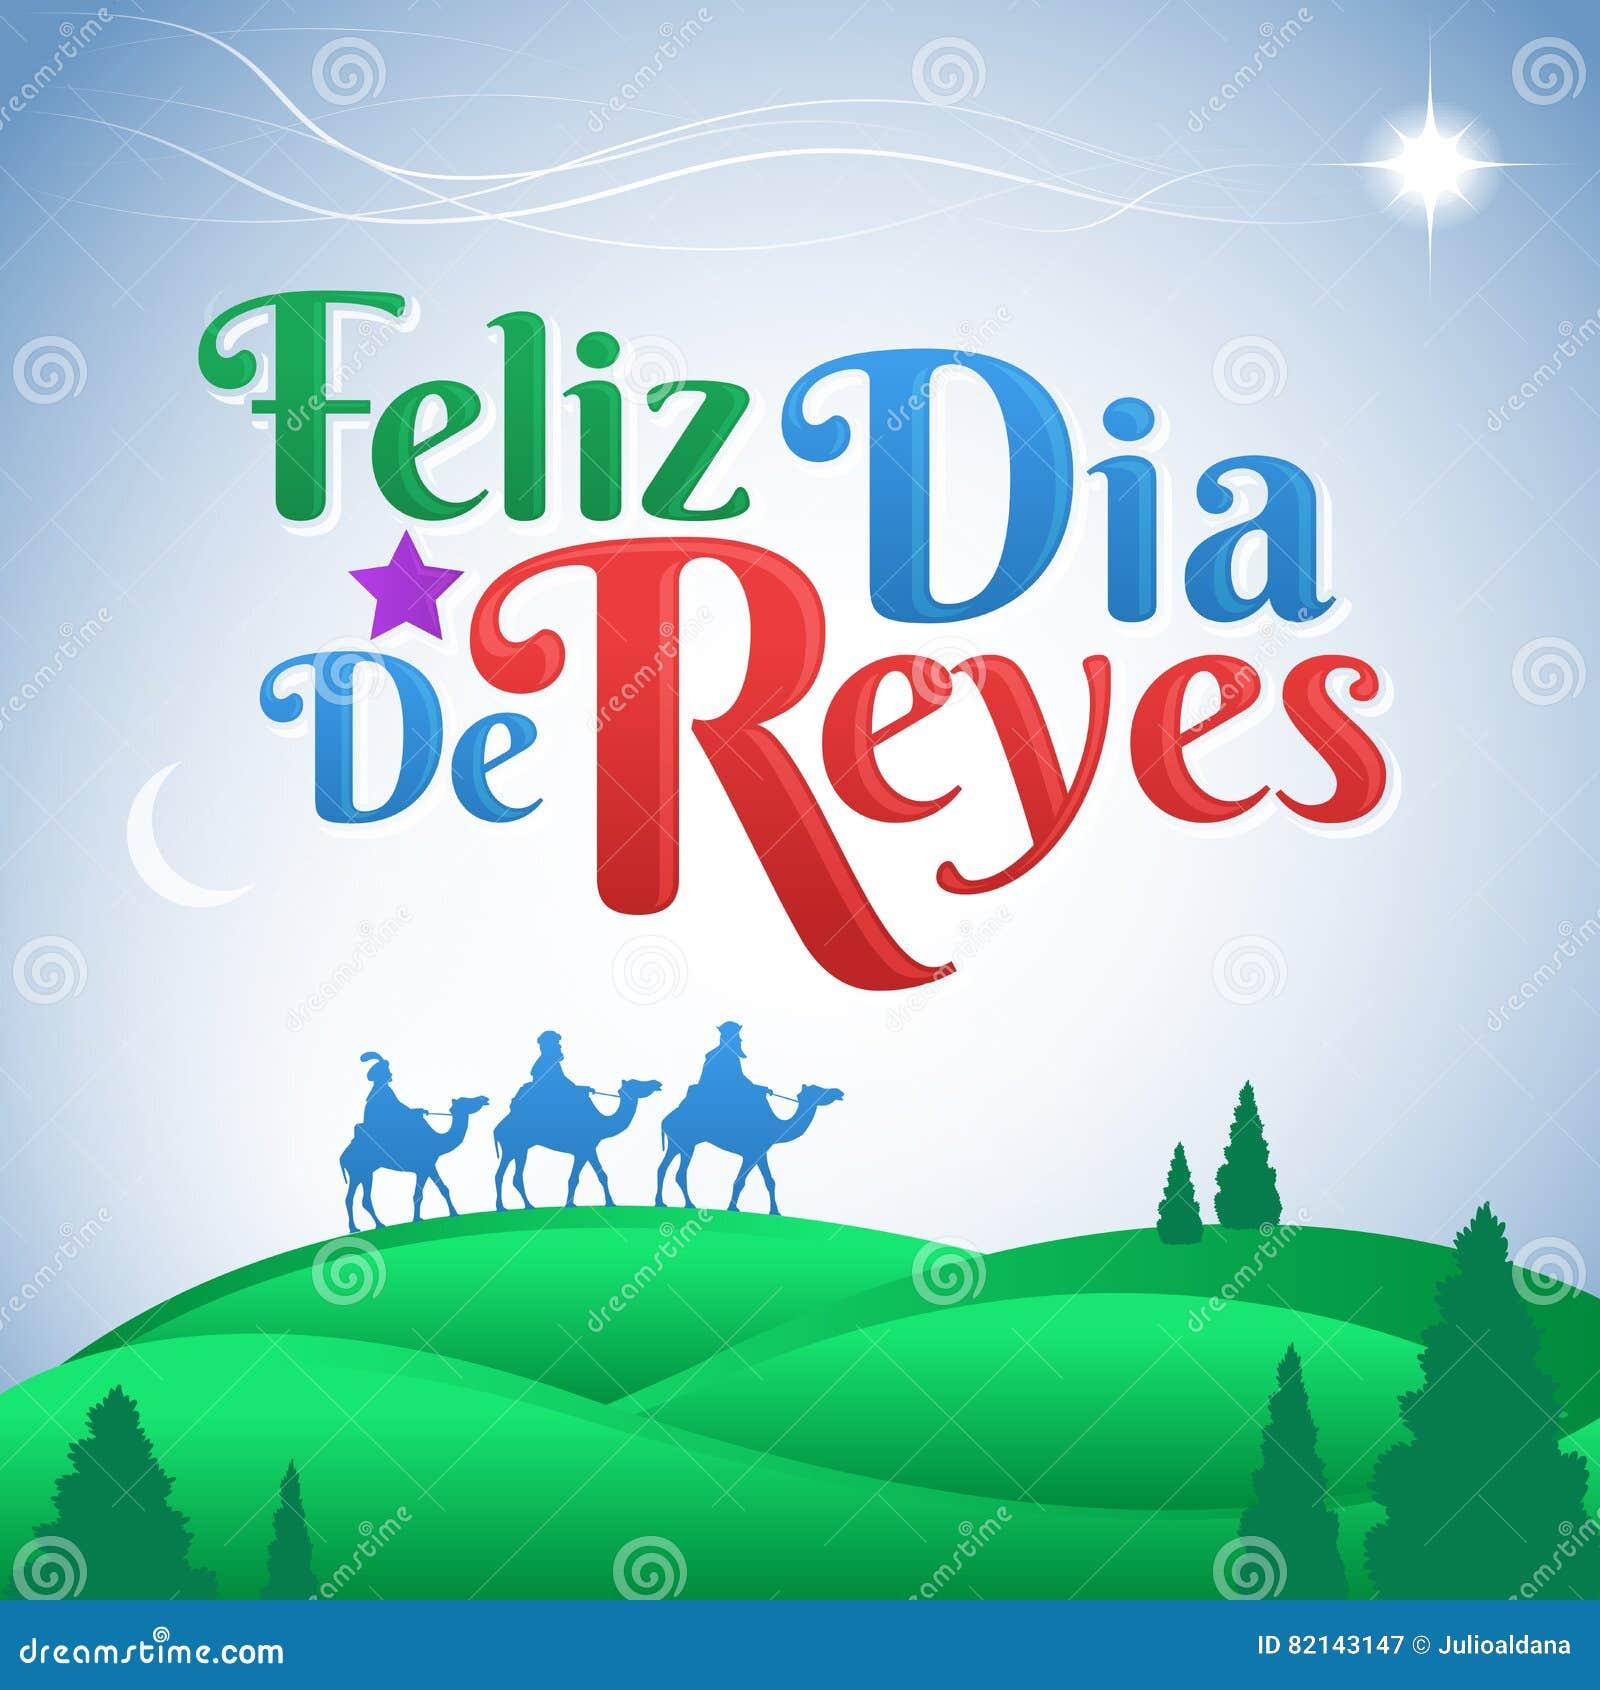 Feliz Dia De Reyes Spanische übersetzung Glücklicher Tag Des